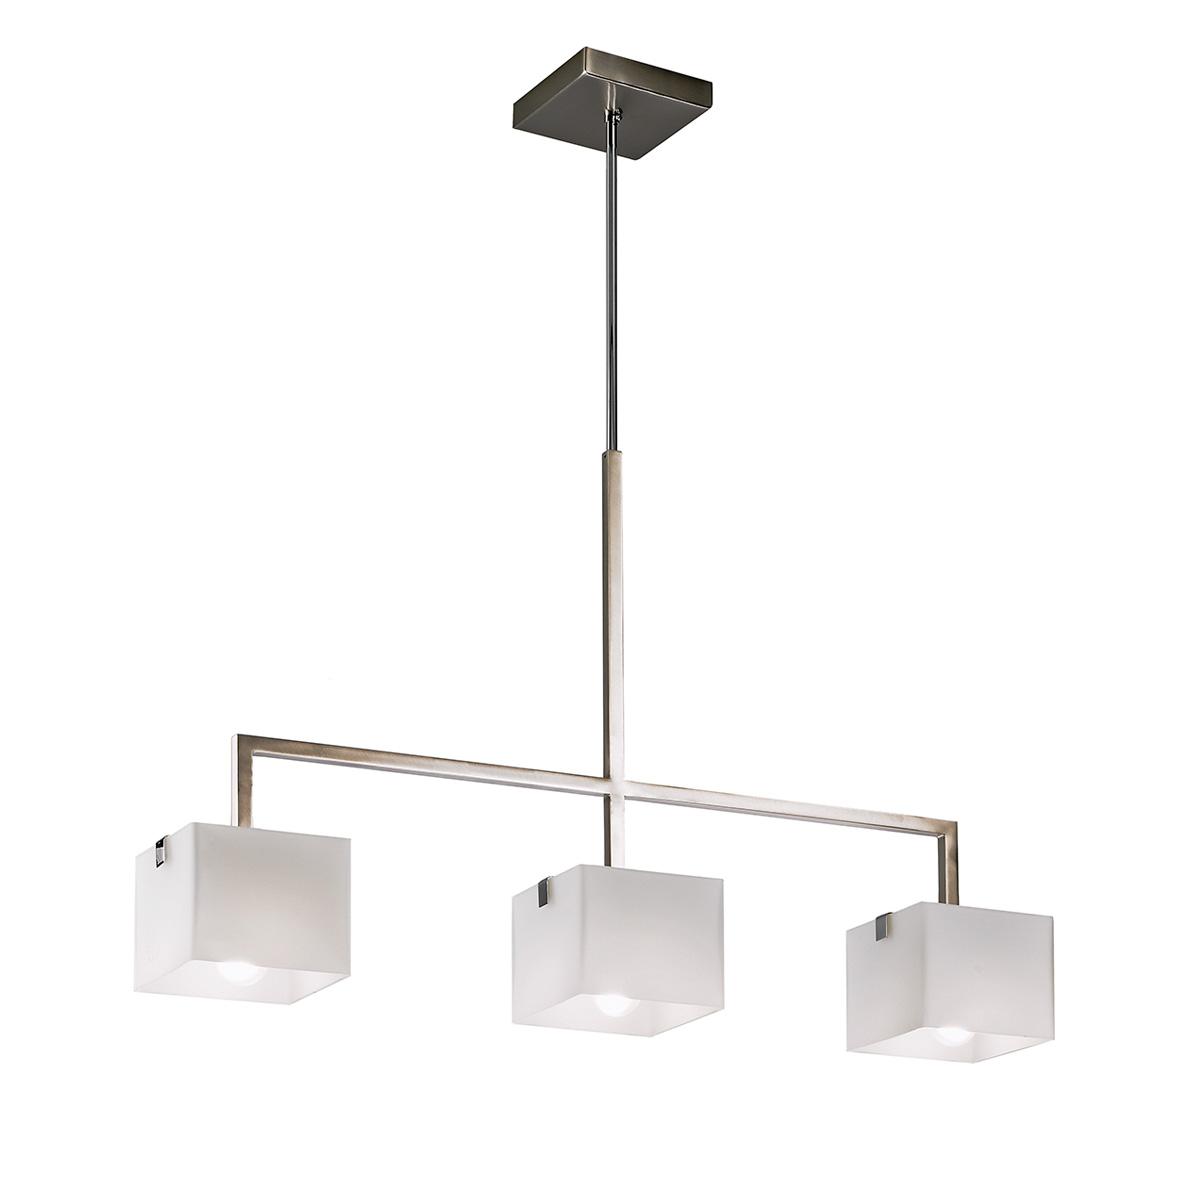 Μοντέρνο πολύφωτο Murano ΚΥΒΟΙ modern Murano chandelier